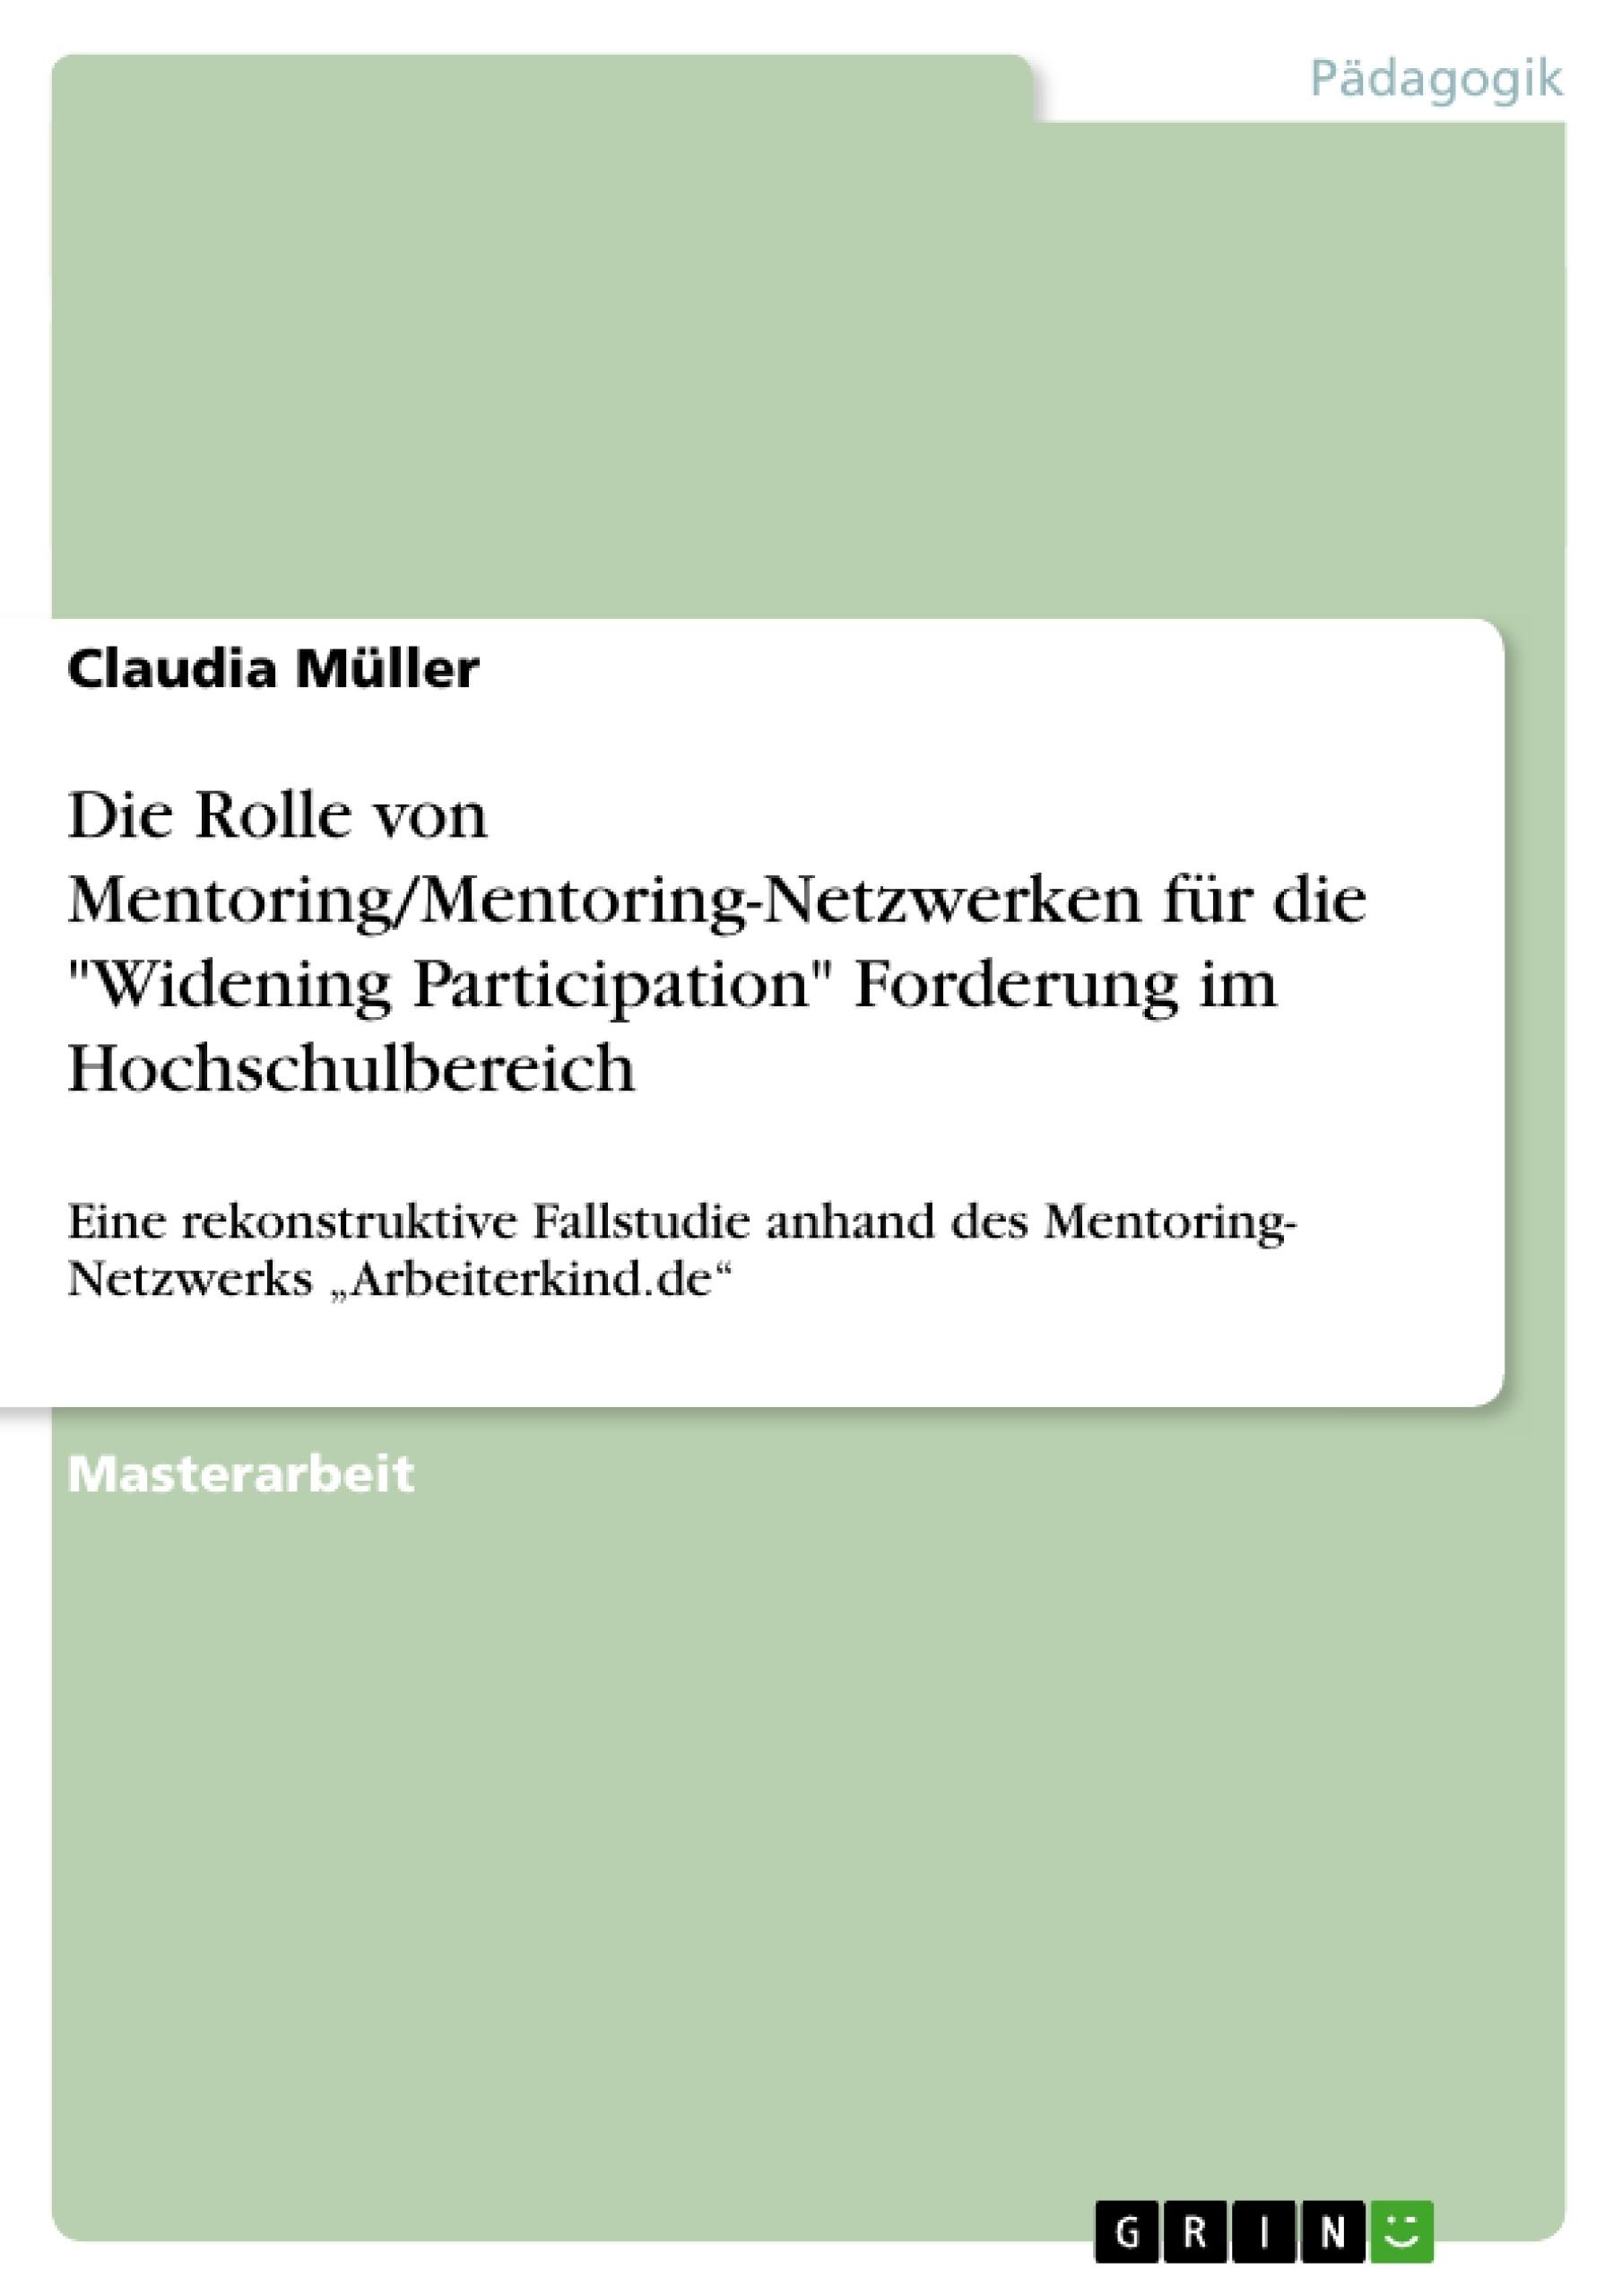 """Titel: Die Rolle von Mentoring/Mentoring-Netzwerken für die """"Widening Participation"""" Forderung im Hochschulbereich"""